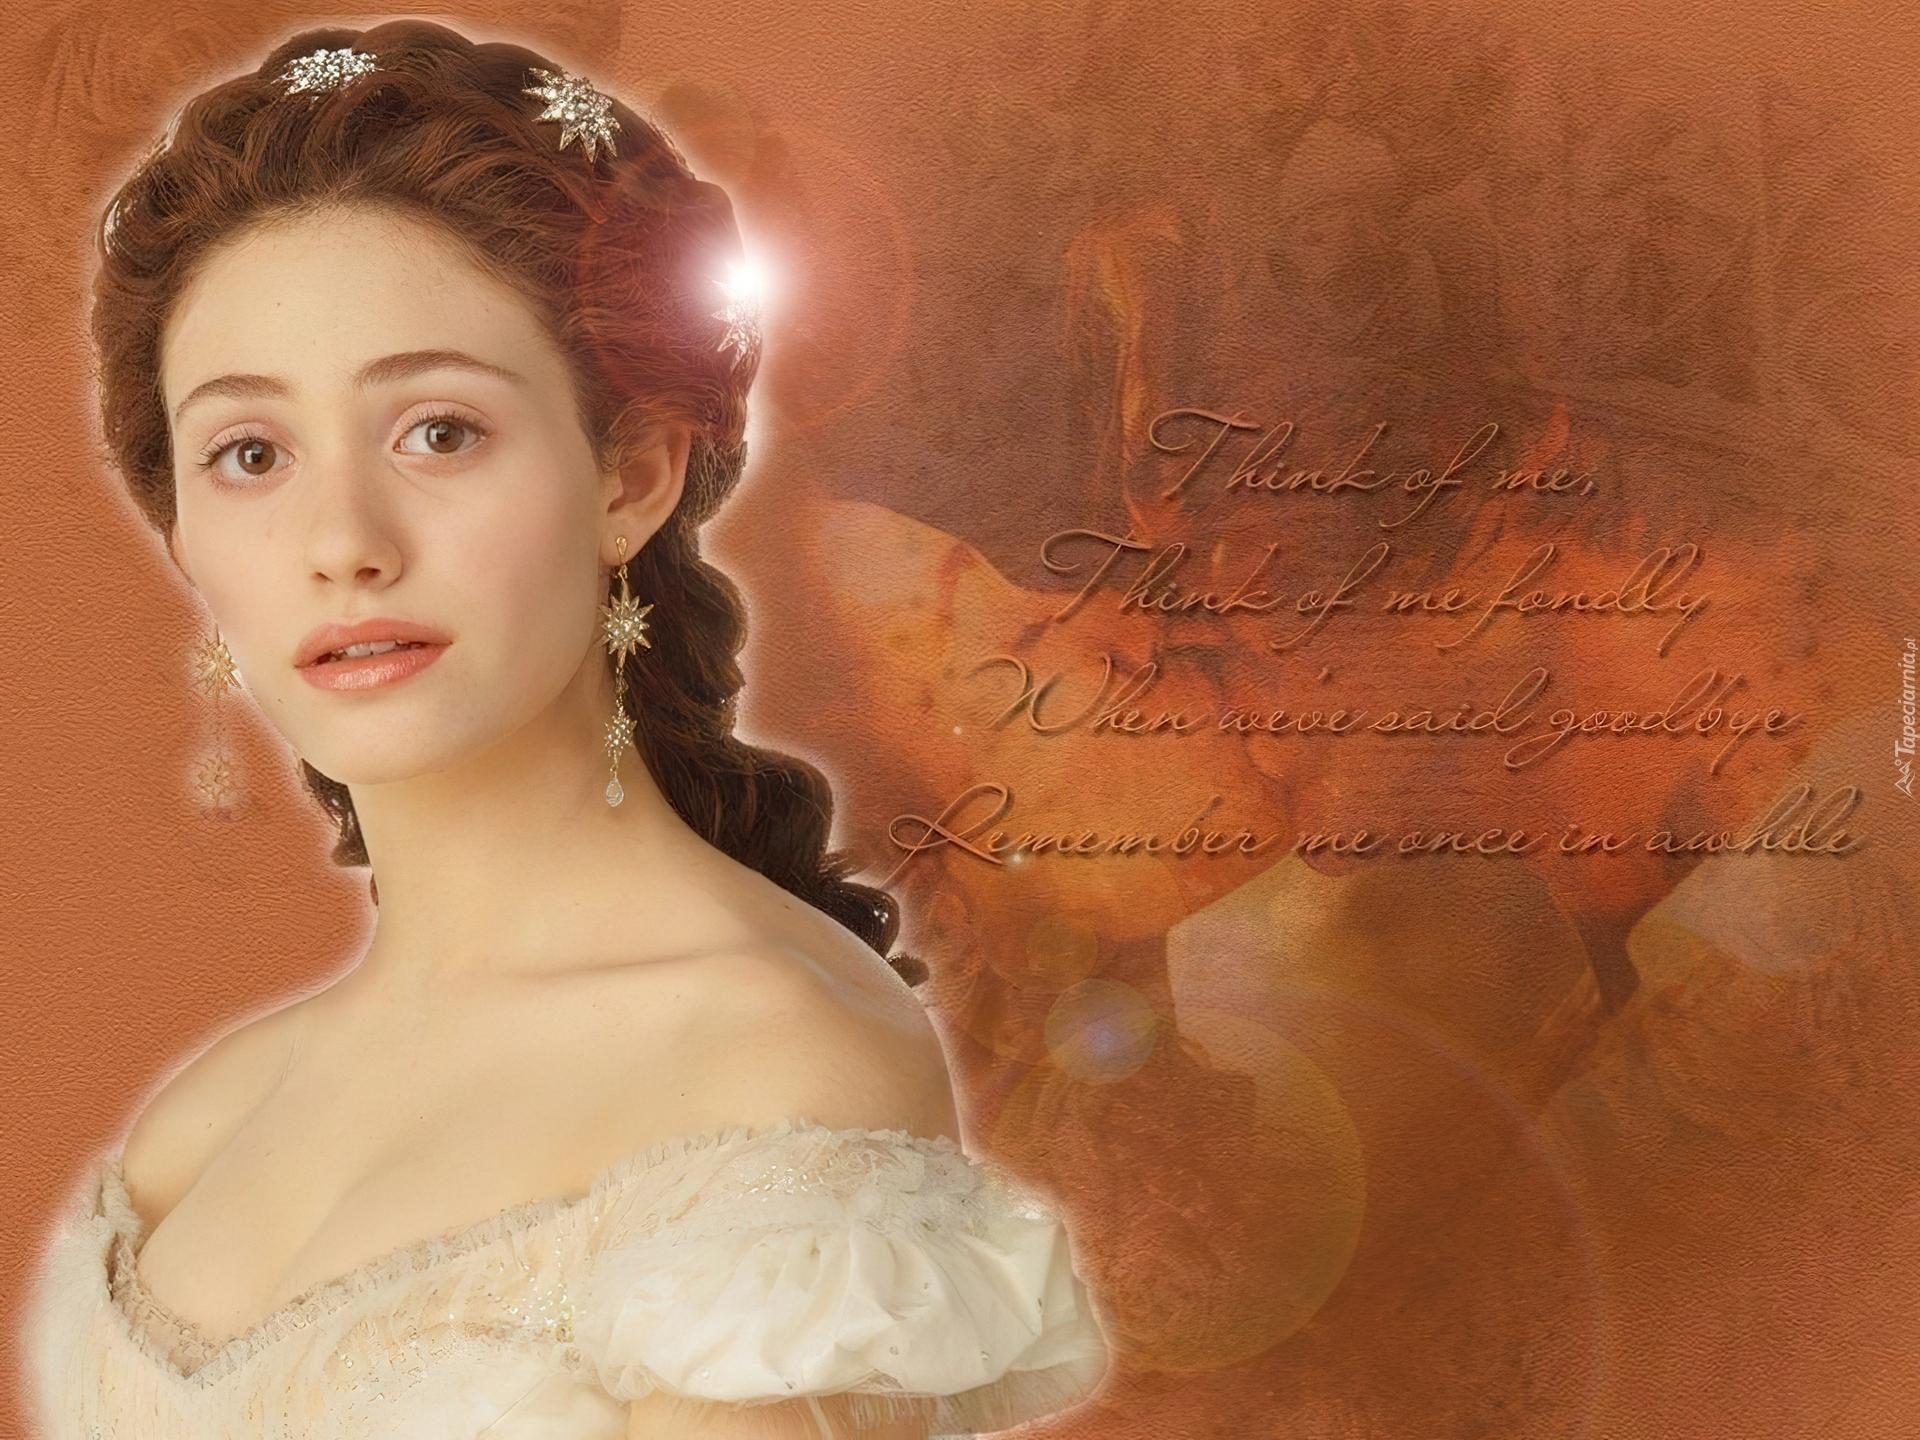 Phantom Of The Opera Emmy Rossum Piękna światełko Wiersz